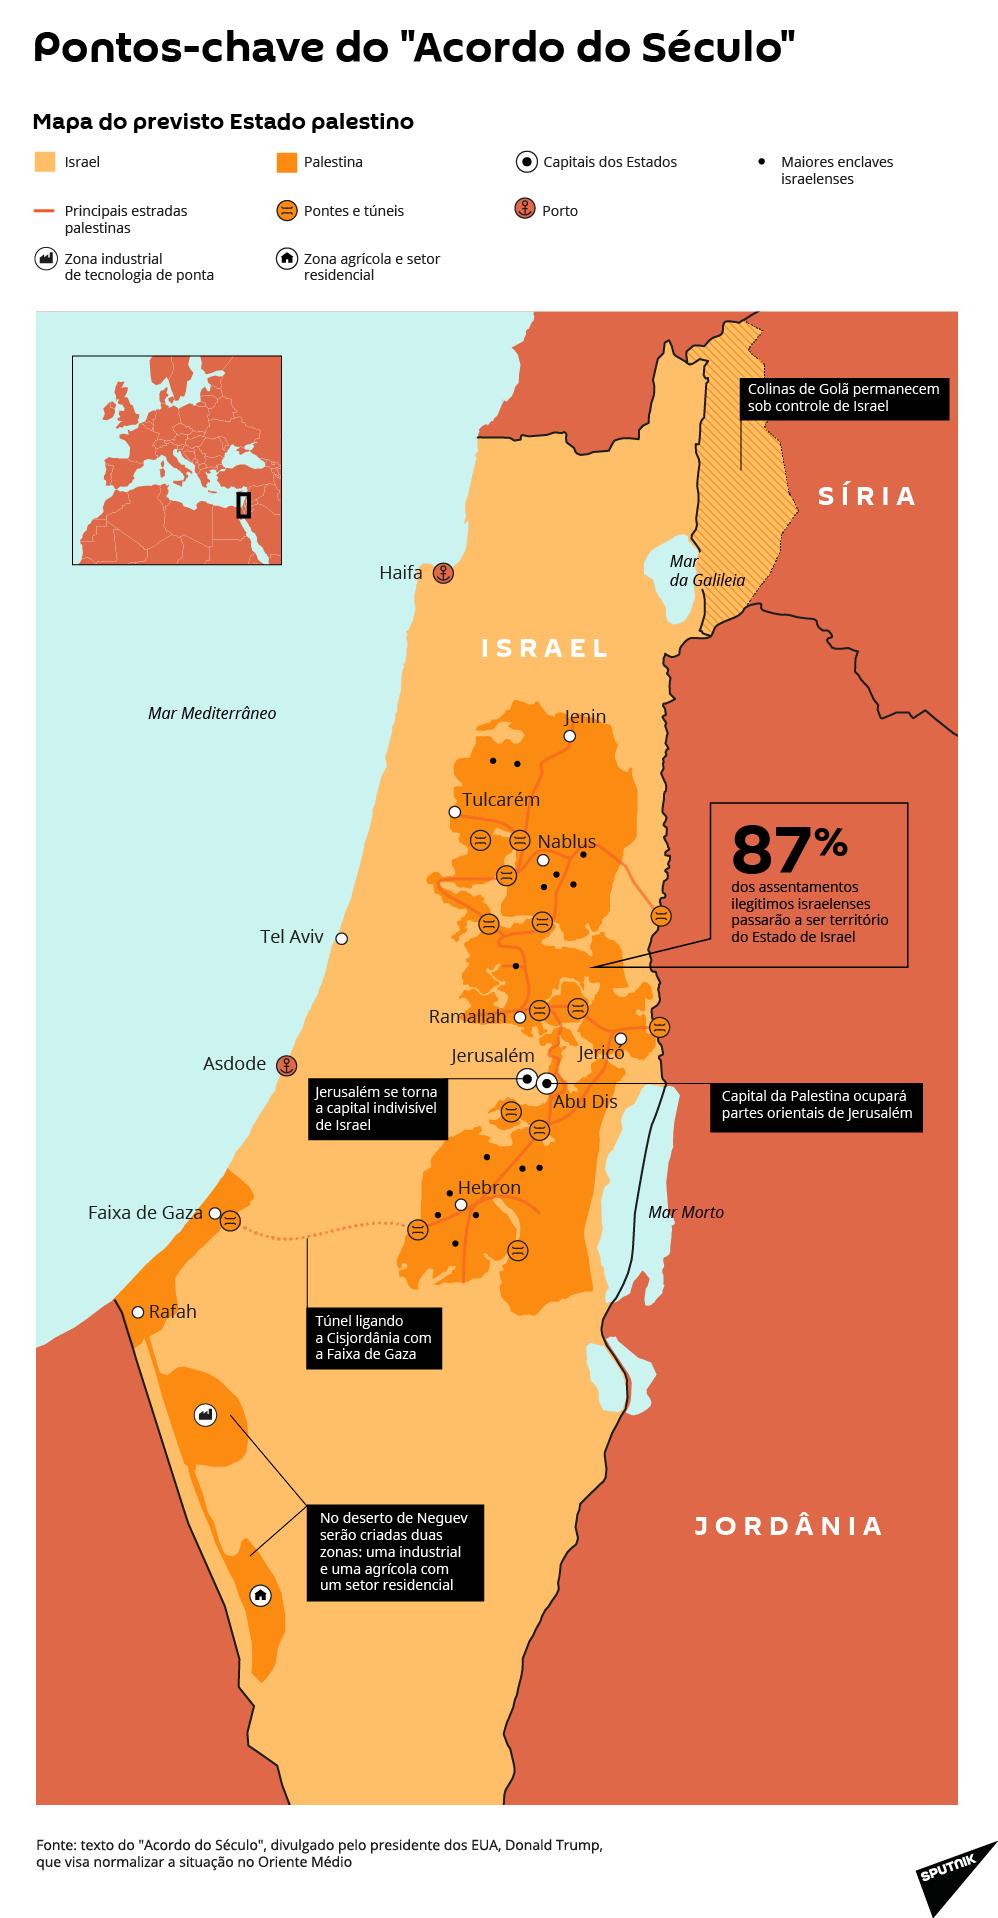 خطة ترامب لحل النزاعات الإسرائيلية الفلسطينية